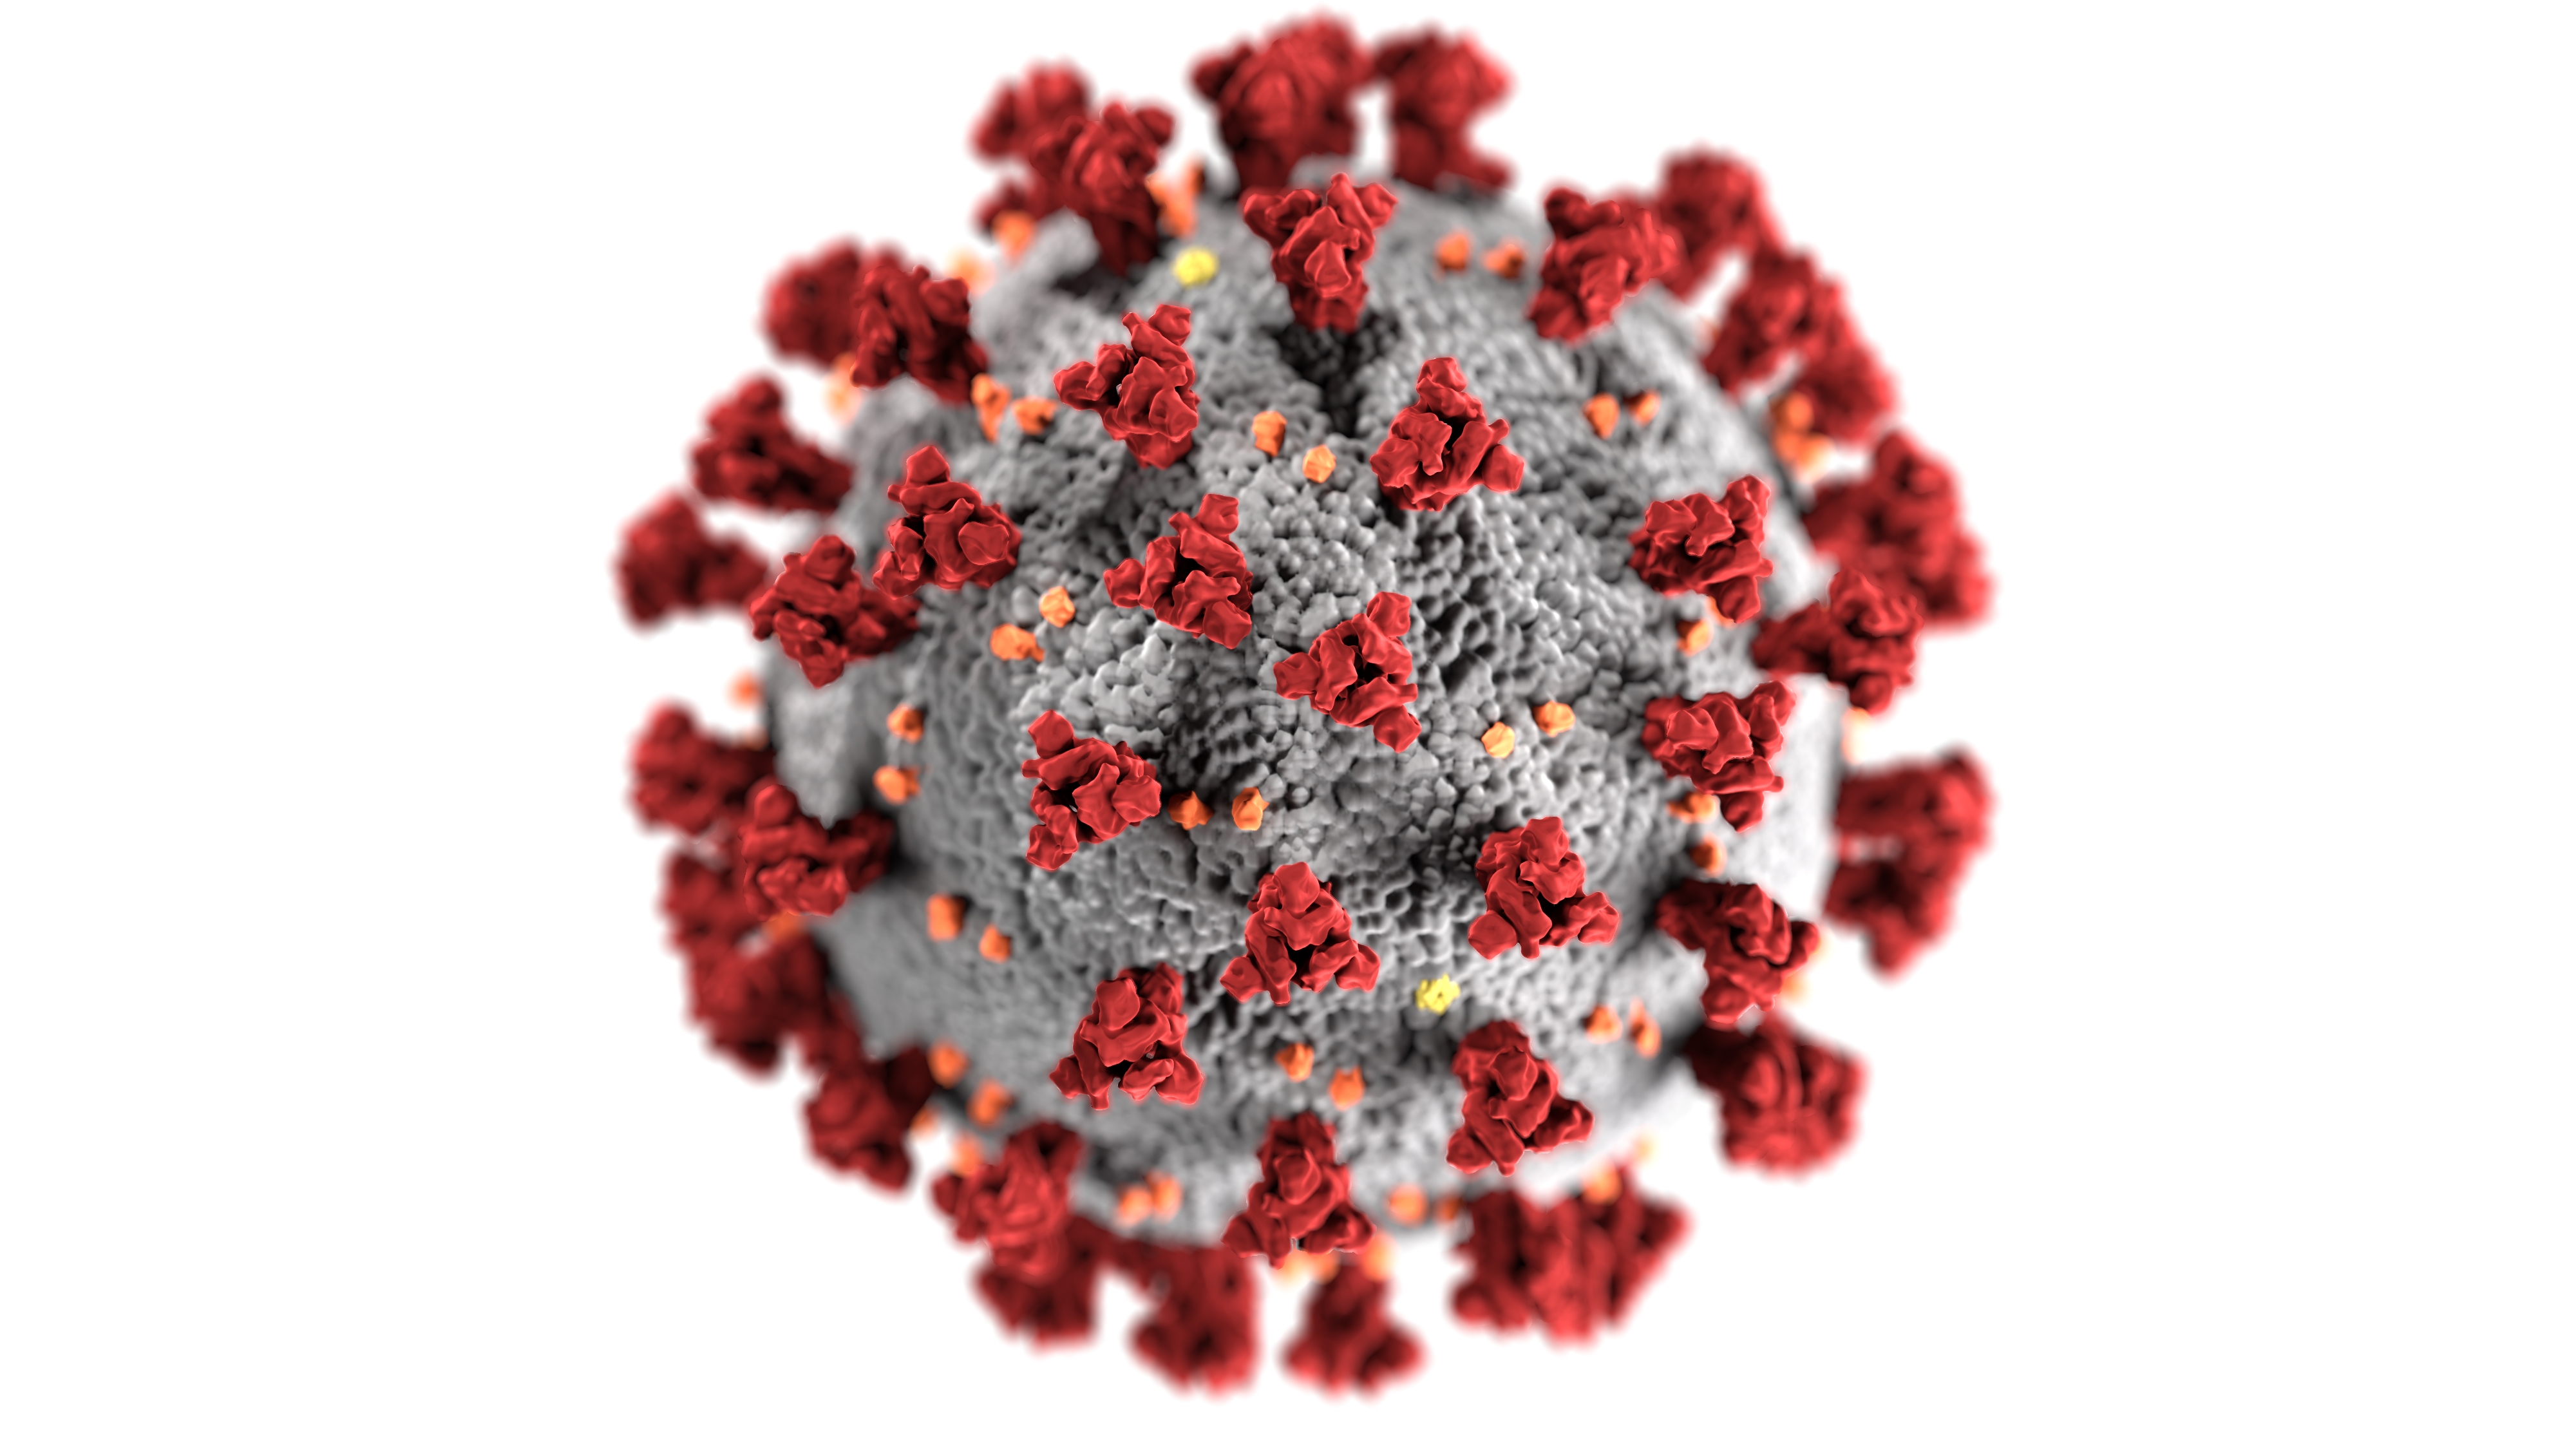 COVID-19 Outbreak Update